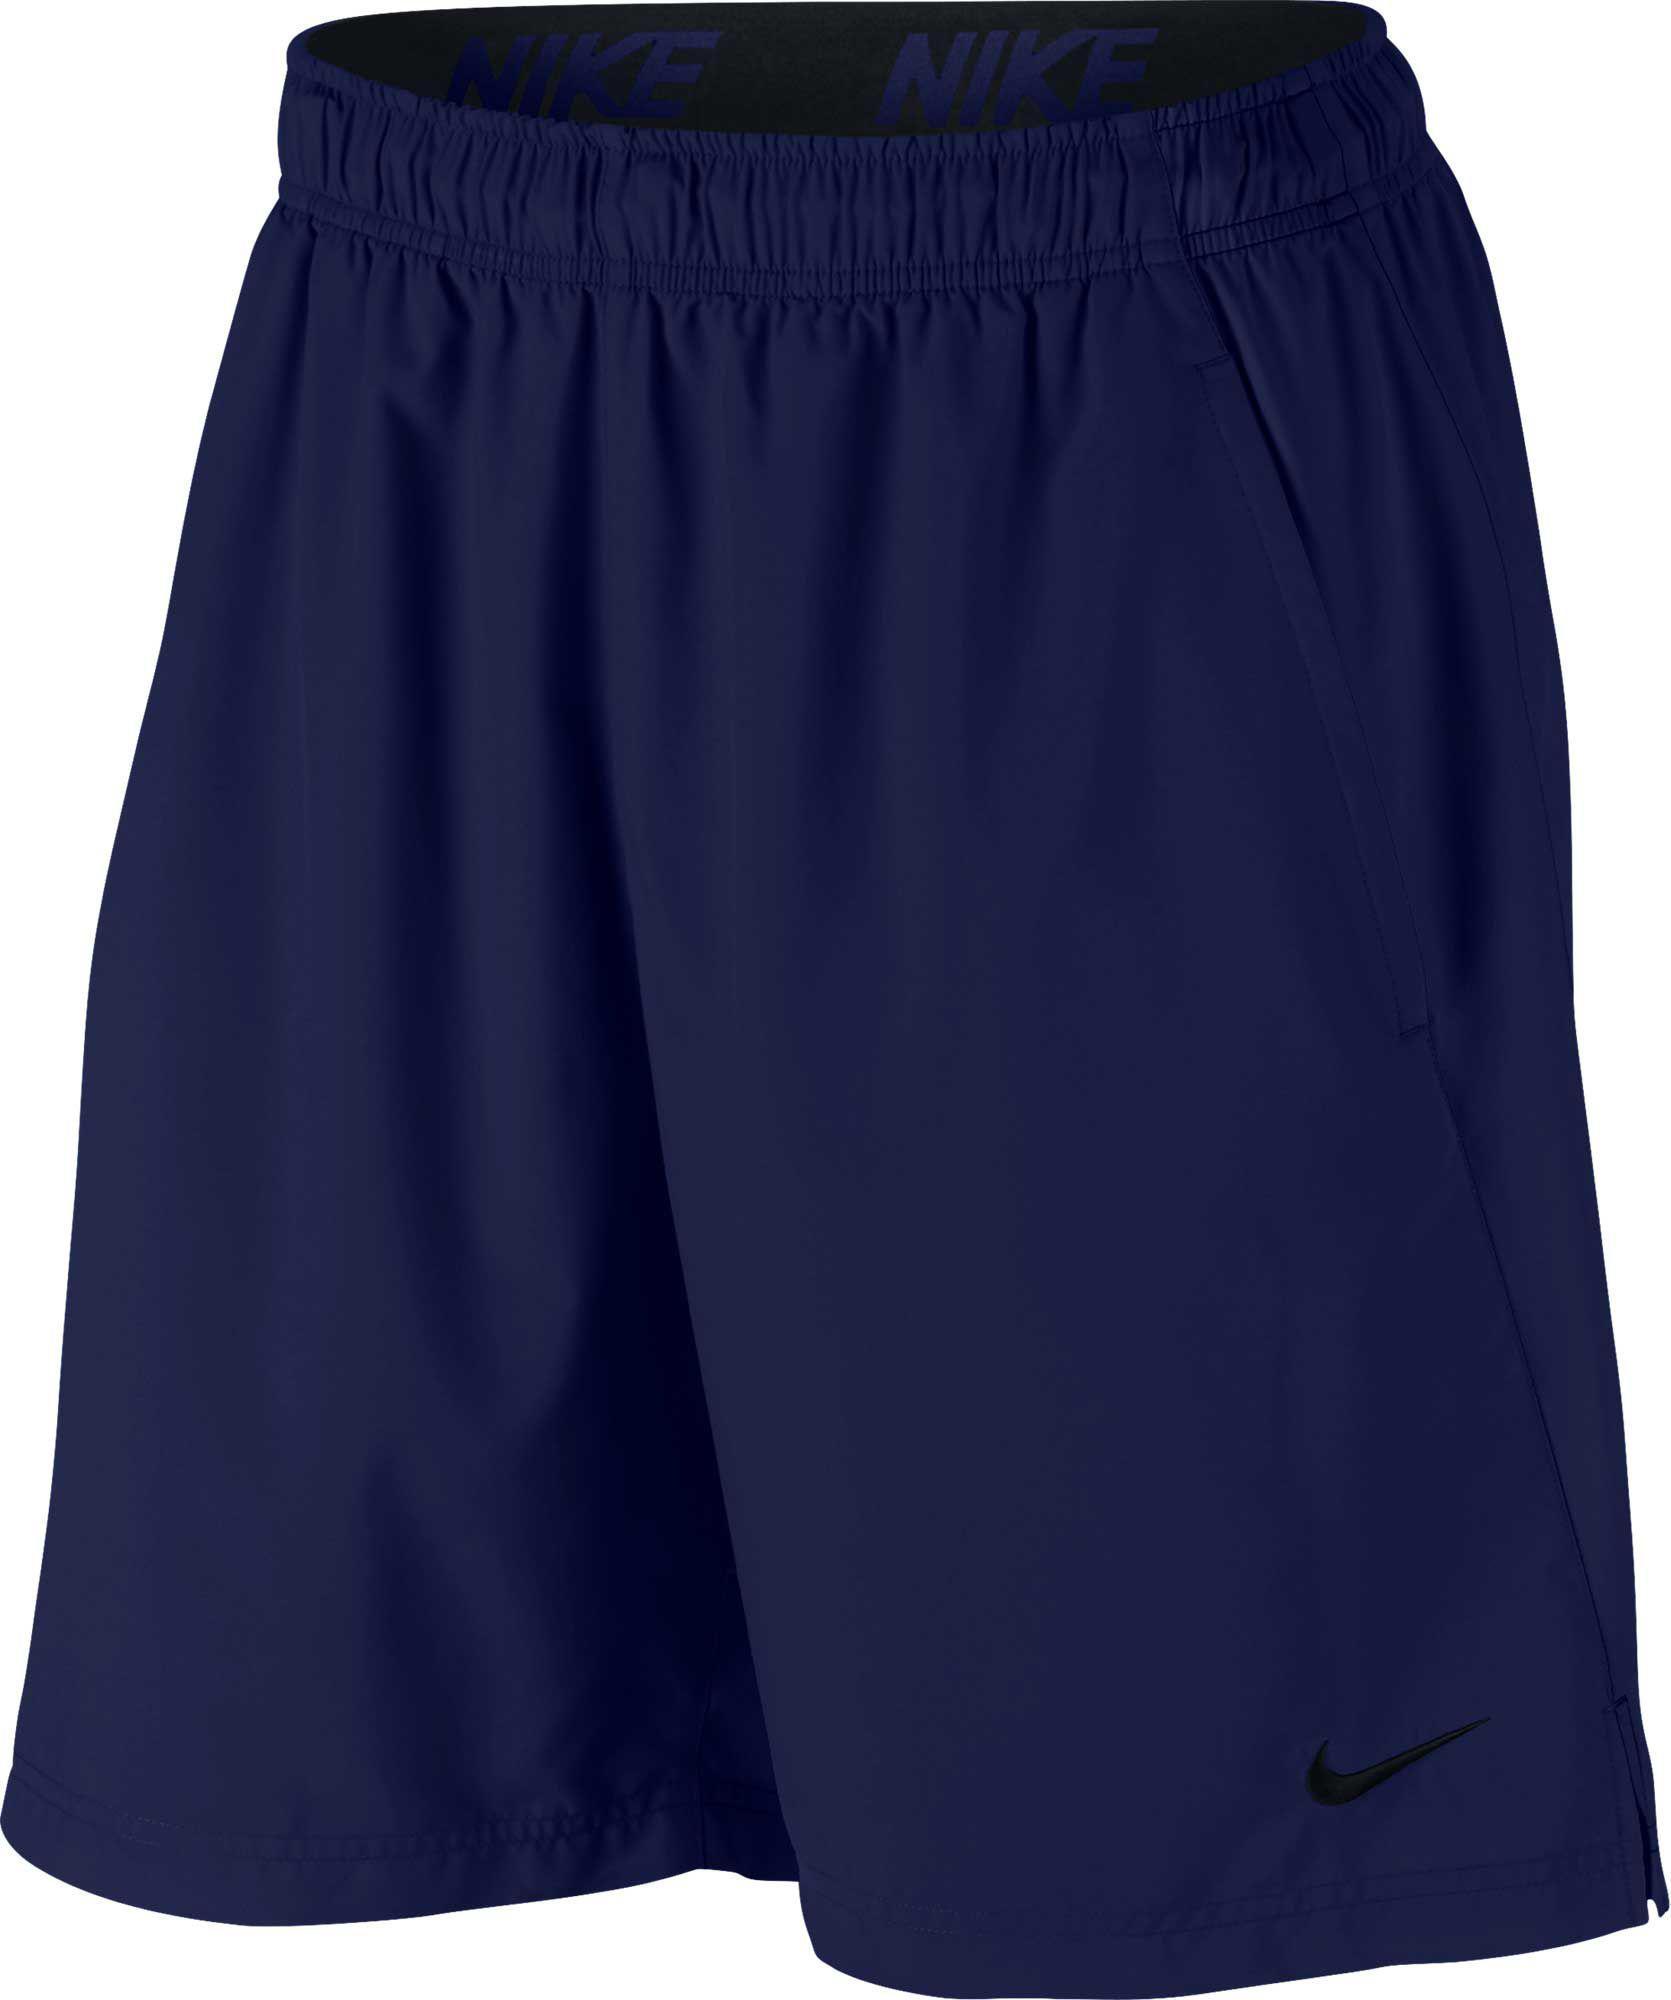 d9c43f77de Lyst - Nike Flex Woven Shorts in Blue for Men